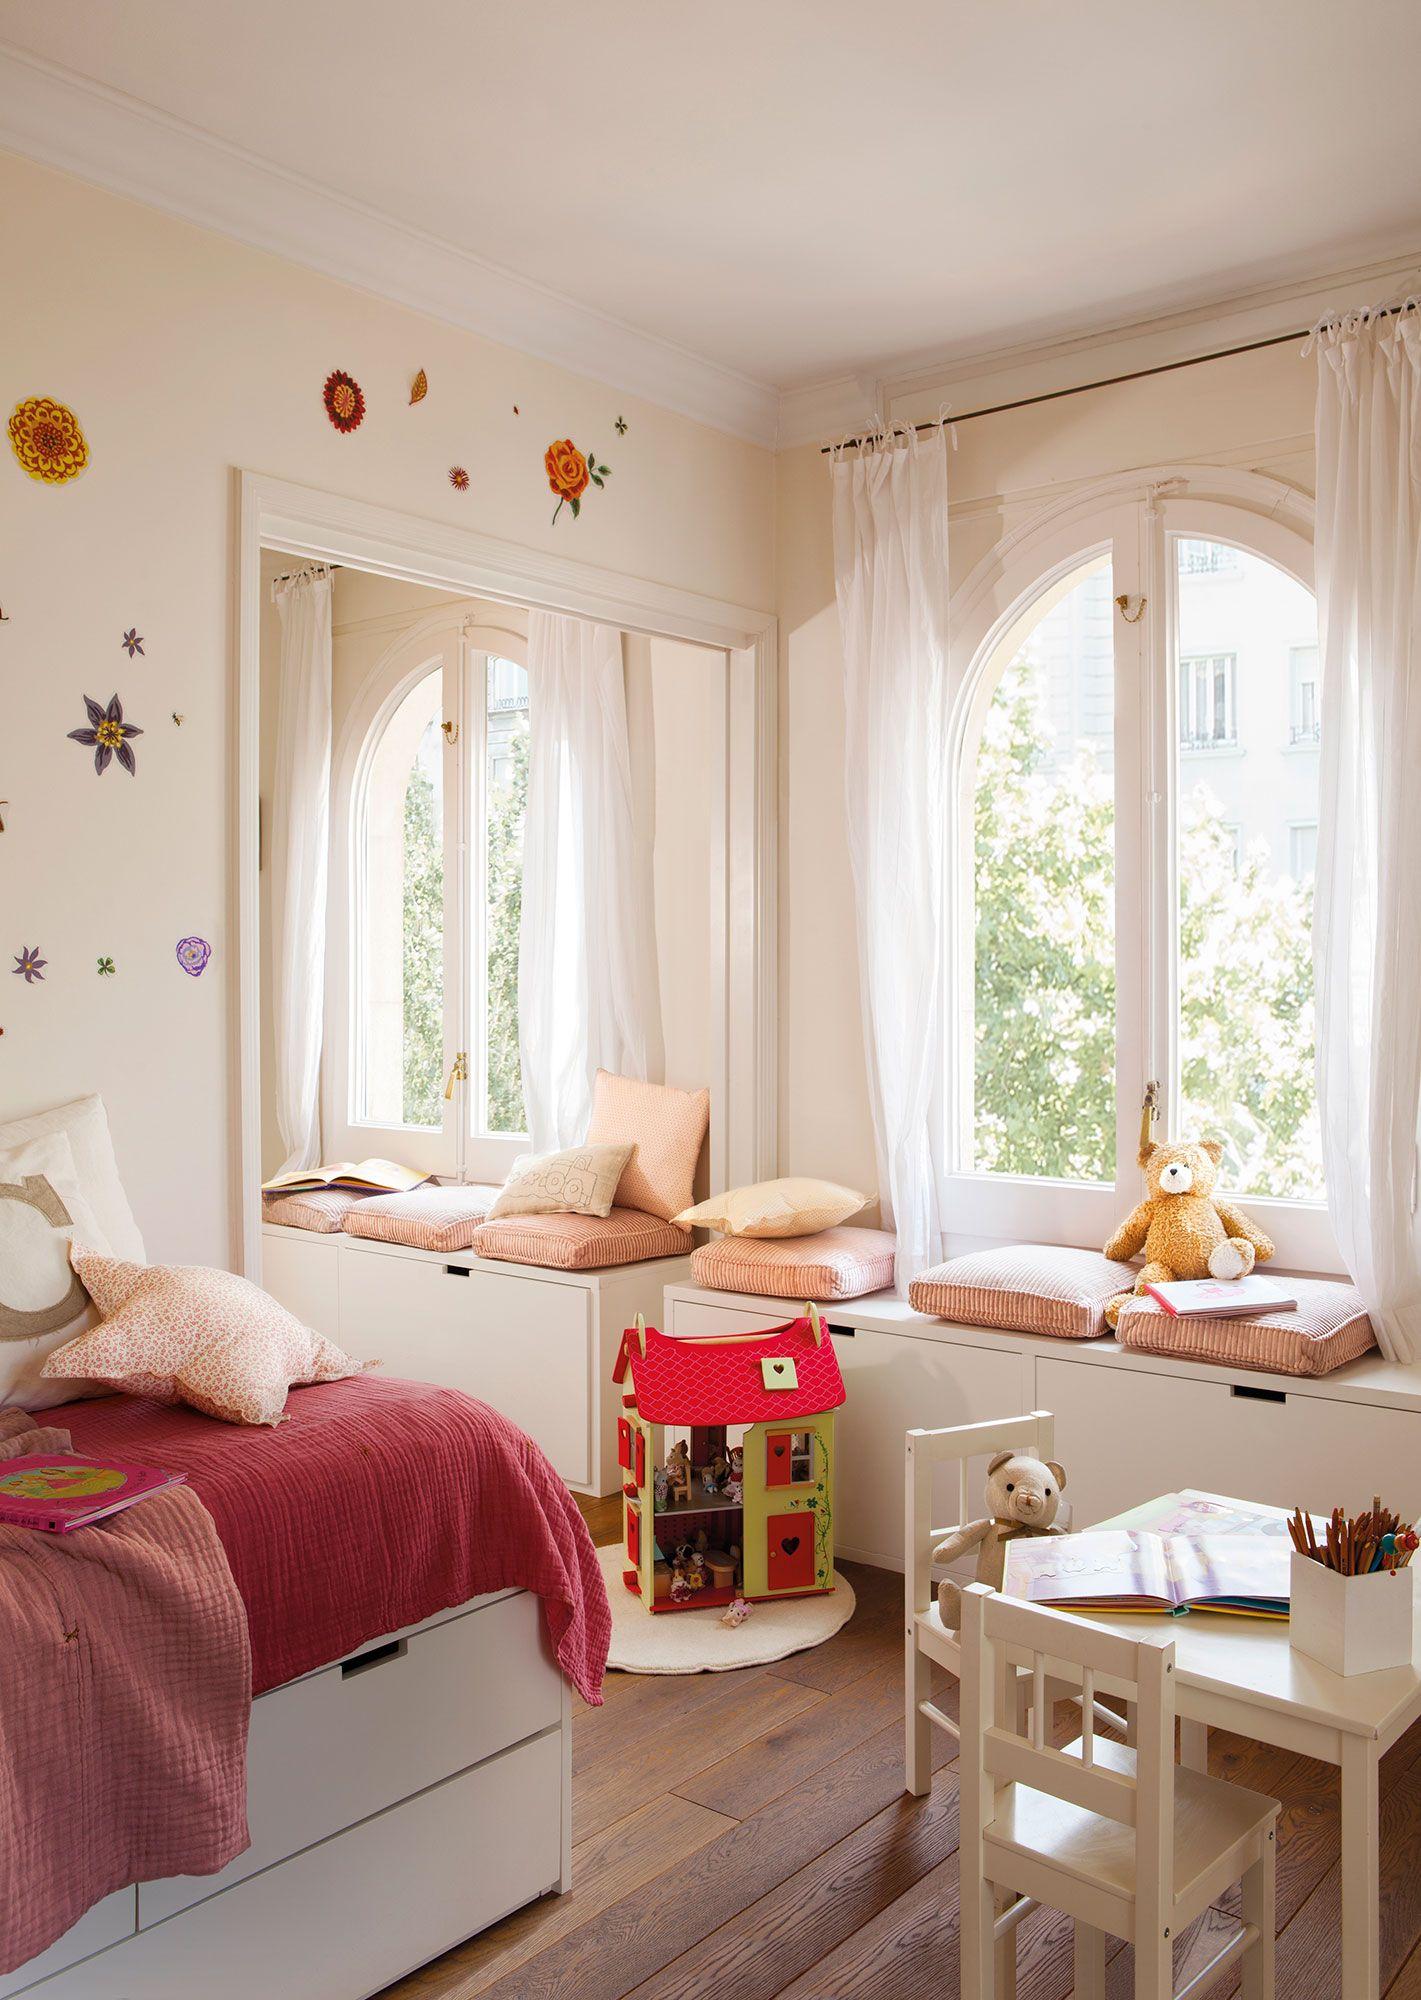 Bancos o gaveteros en 2019 dormiorios infantiles y - Decoracion habitaciones juveniles nina ...